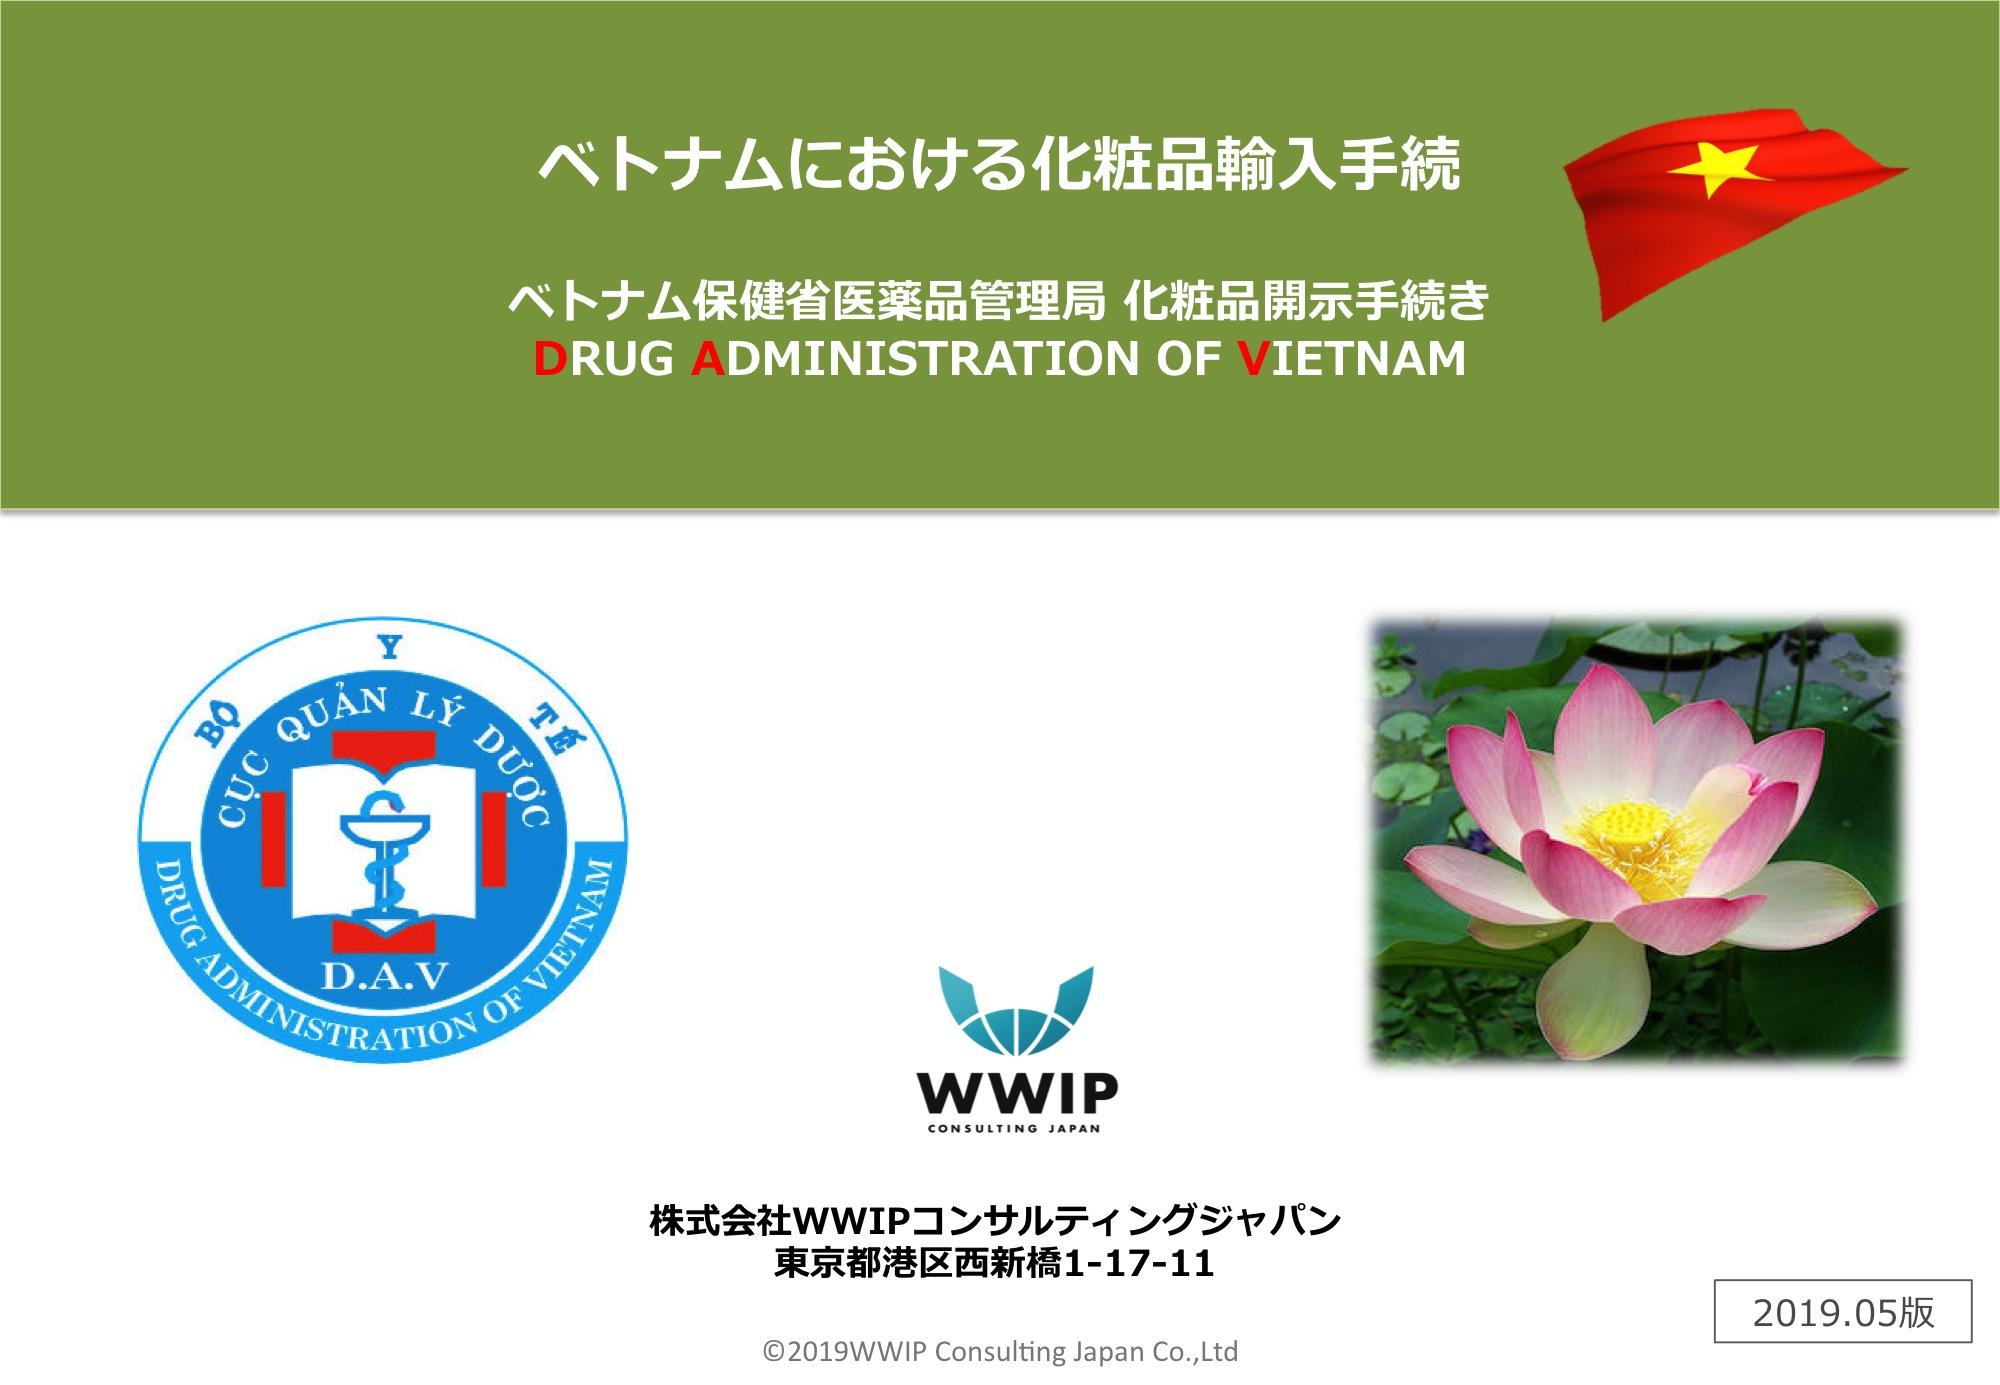 ベトナム化粧品申請手続201906